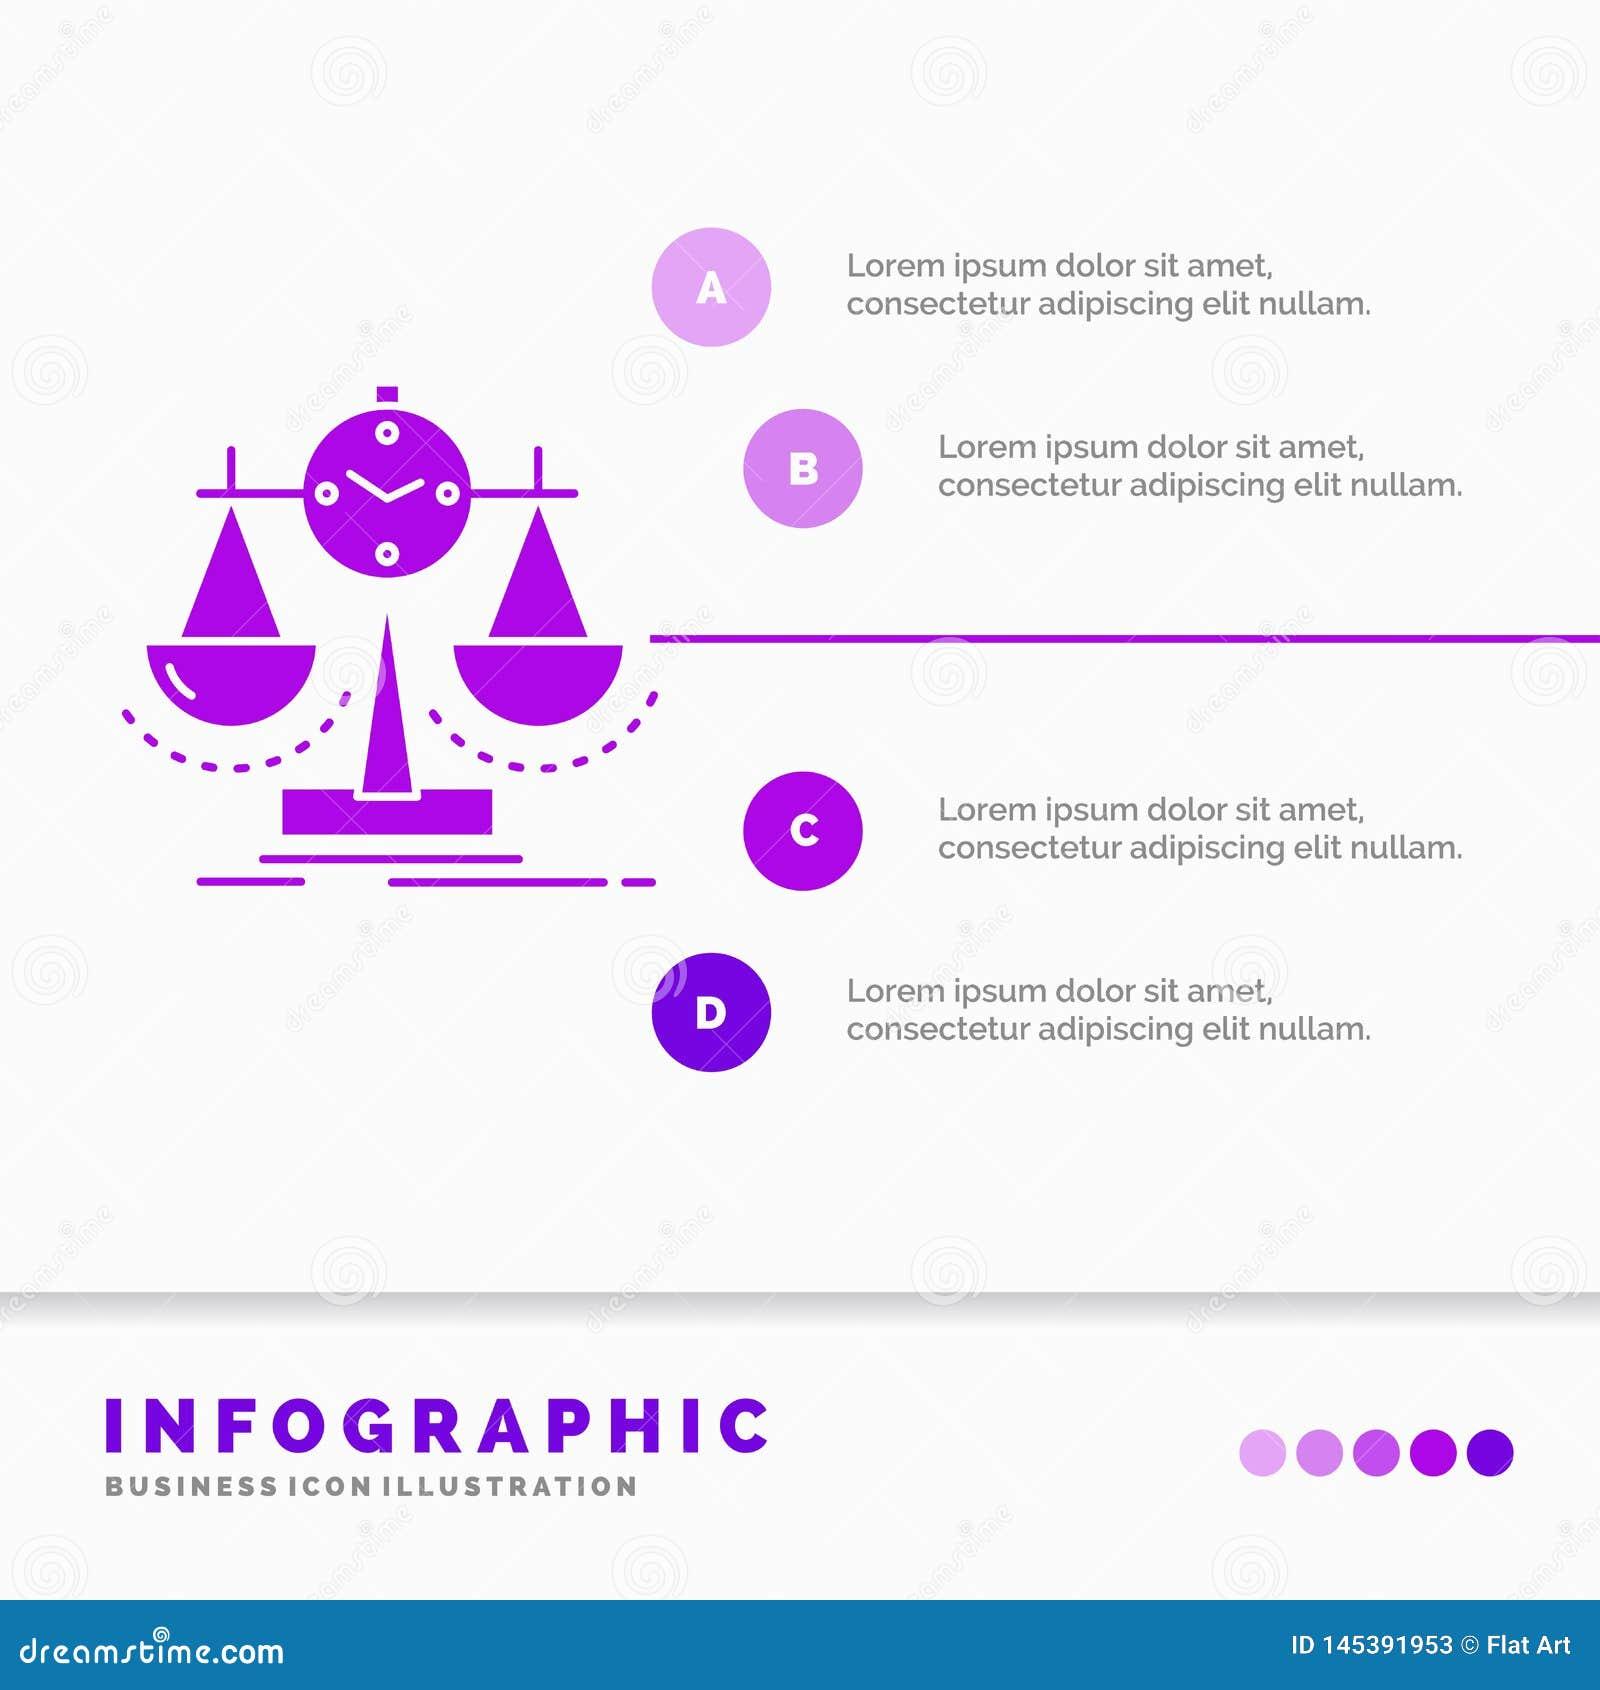 Ισορροπημένος, διαχείριση, μέτρο, scorecard, πρότυπο Infographics στρατηγικής για τον ιστοχώρο και παρουσίαση Πορφυρό εικονίδιο G